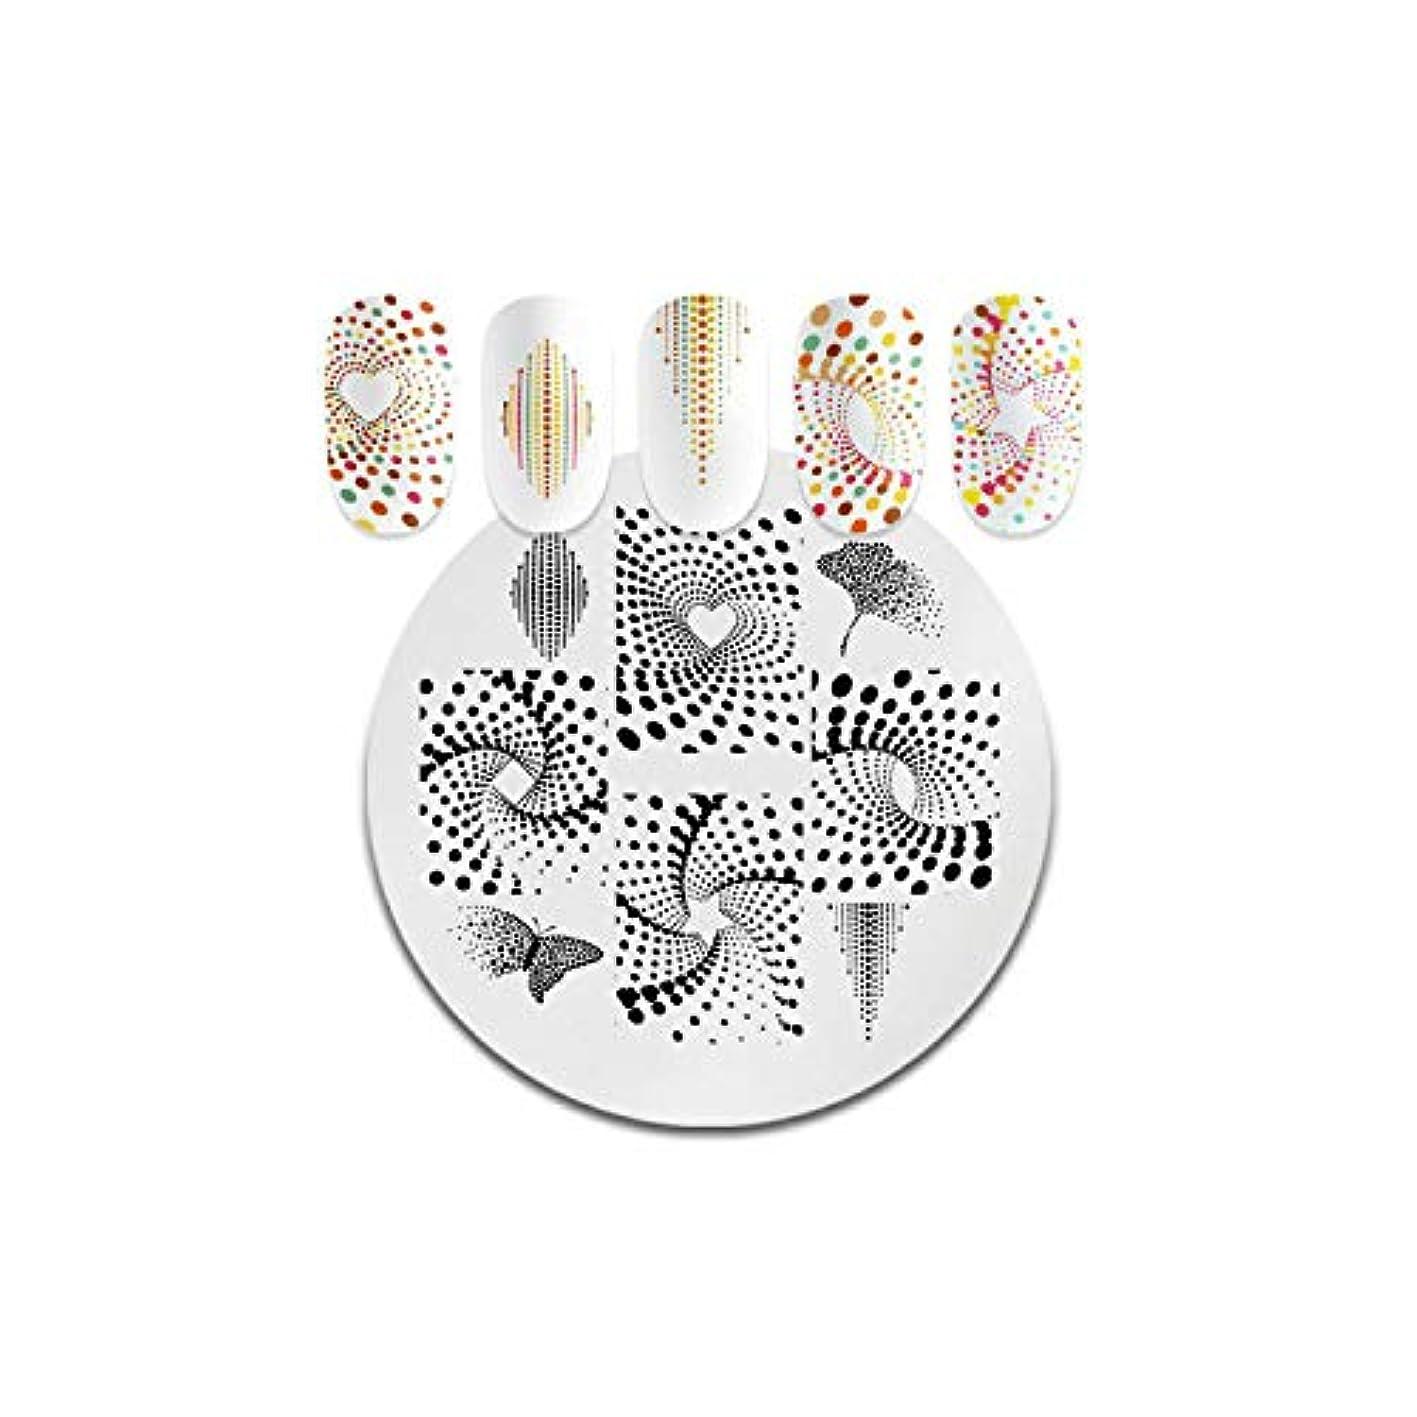 市民権シート器具AKIROKスクエアラウンドネイルスタンピングプレート動物パターンステンレススチールスタンピングテンプレートネイルアートデザインツール,PY-Y002